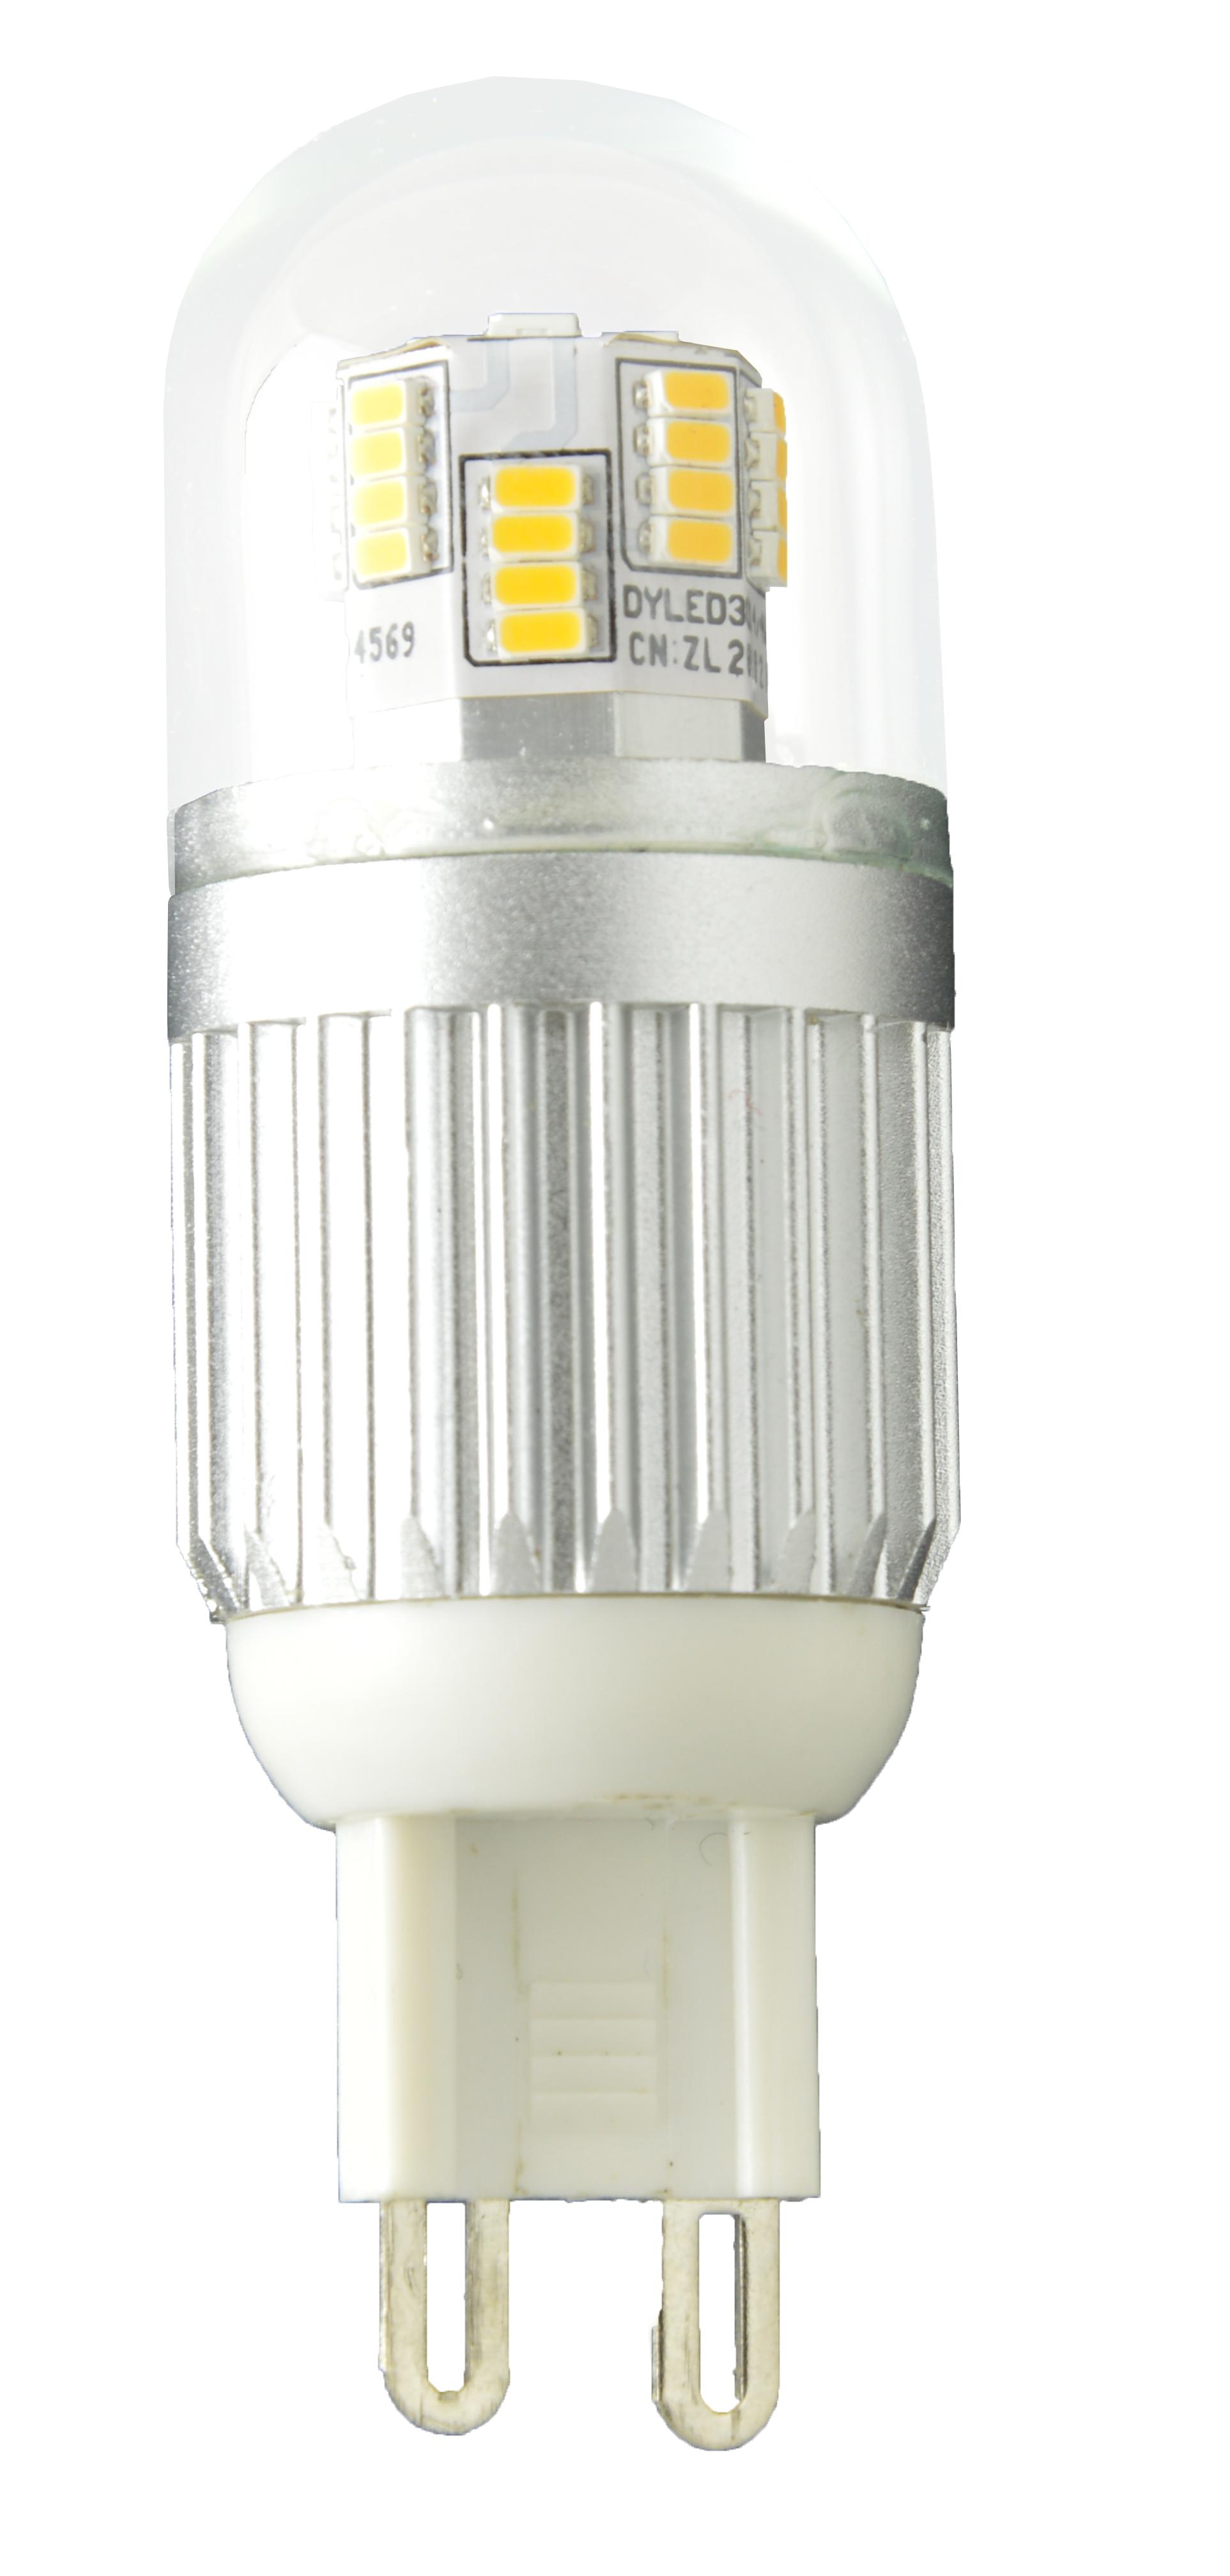 Žárovka G21 LED G9, 230V, 4W, 320lm, přírodní bílá